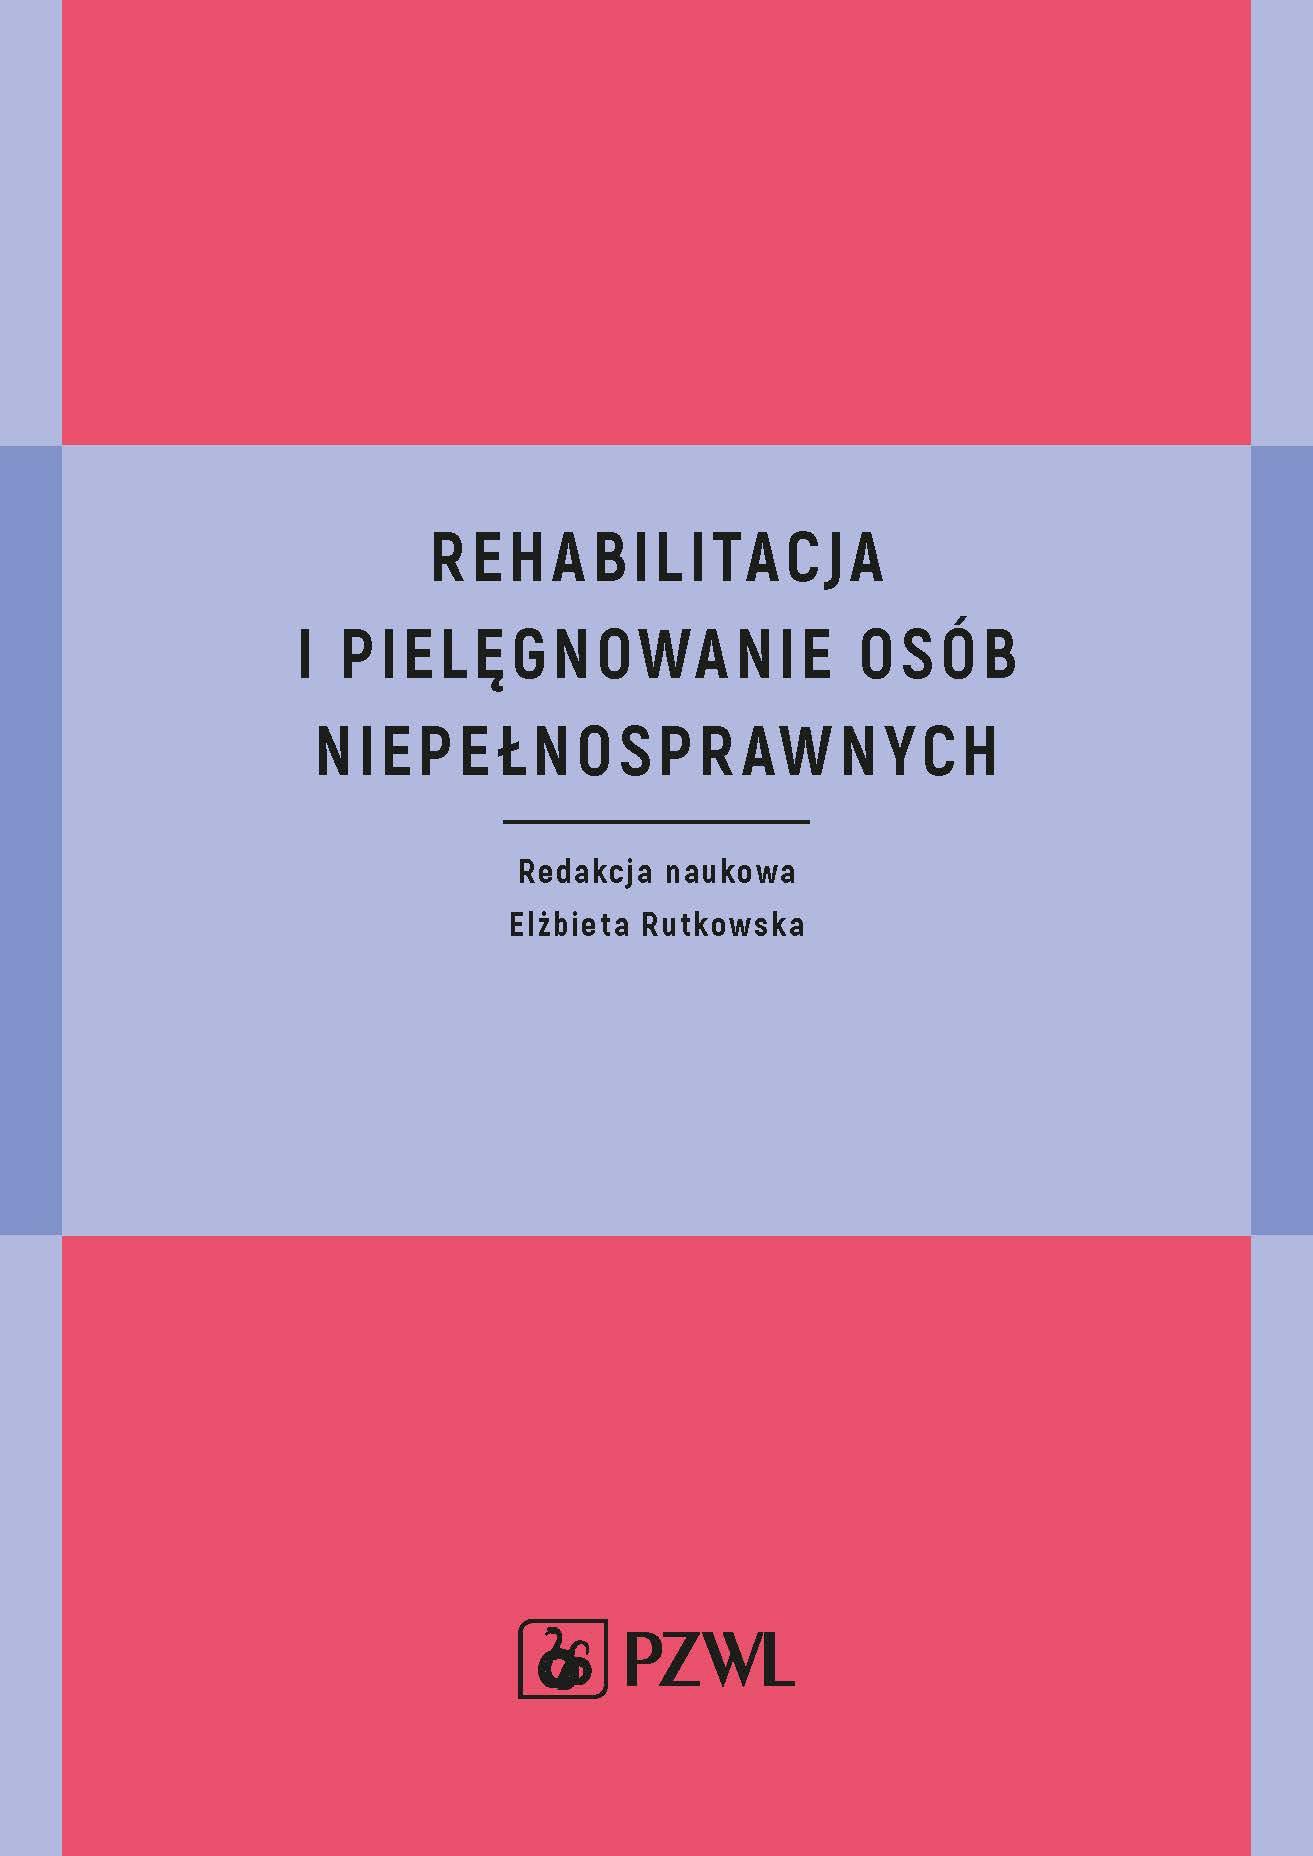 Rehabilitacja i pielęgnowanie osób niepełnosprawnych - Ebook (Książka na Kindle) do pobrania w formacie MOBI